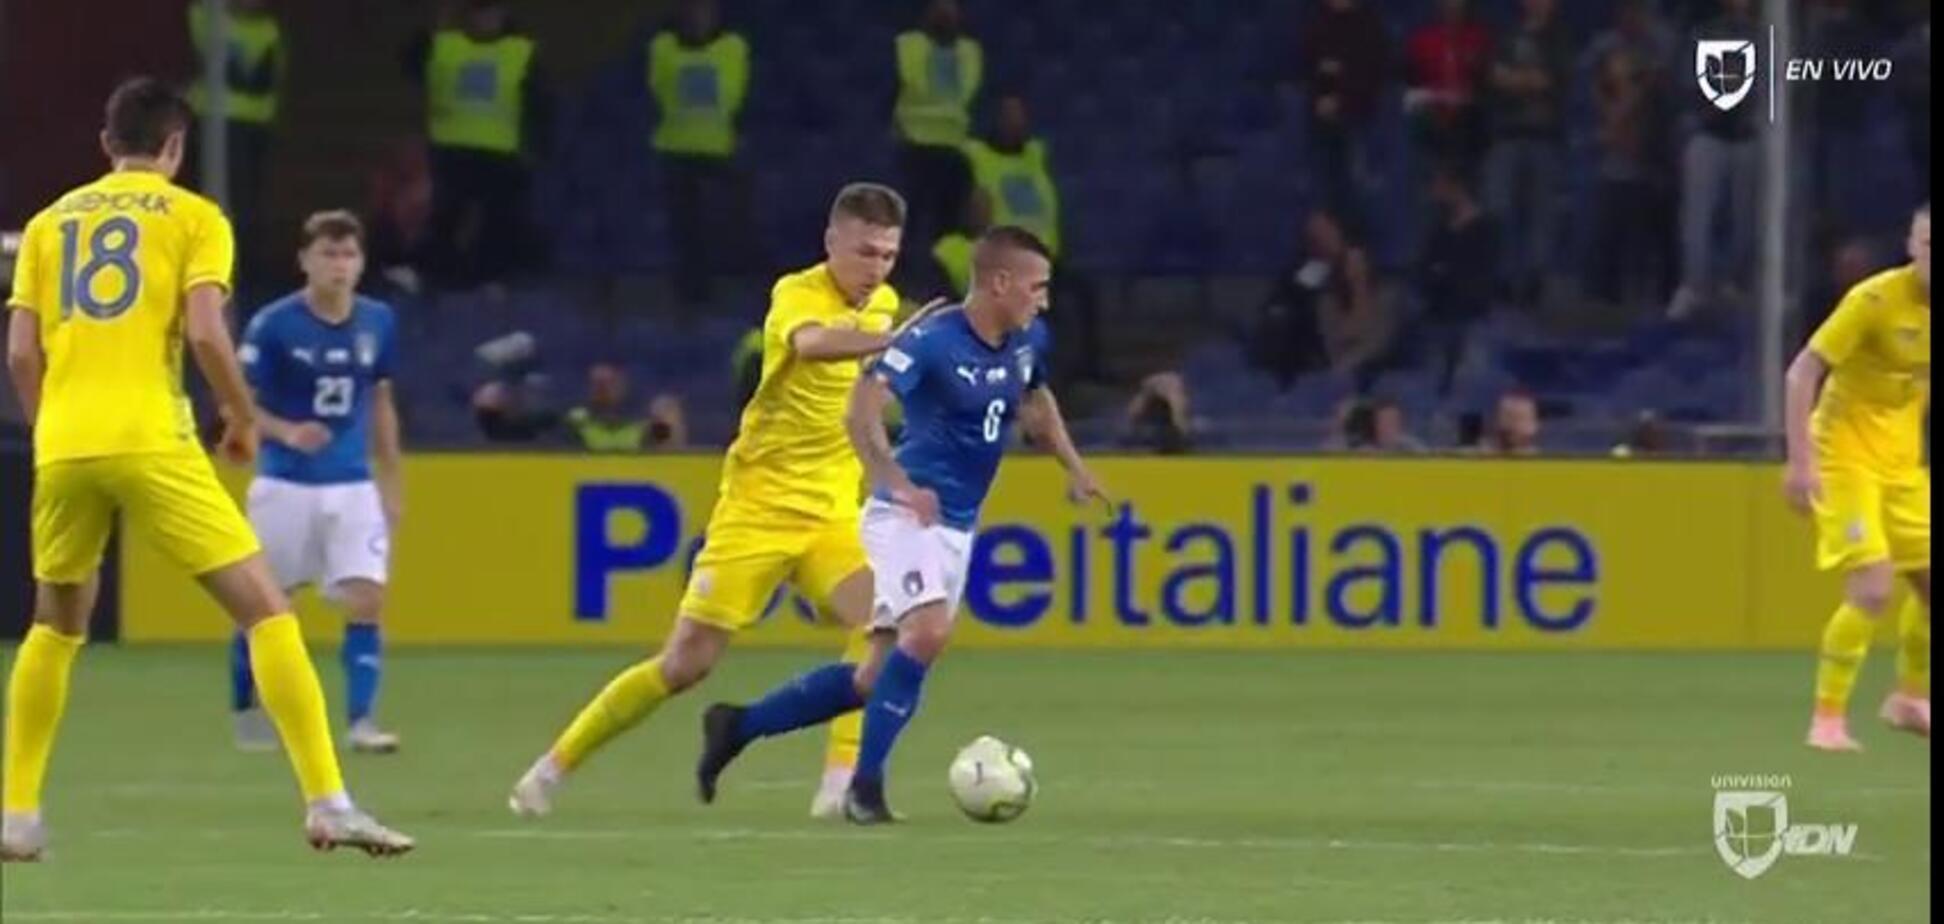 Збірна України уникла поразки в матчі з Італією